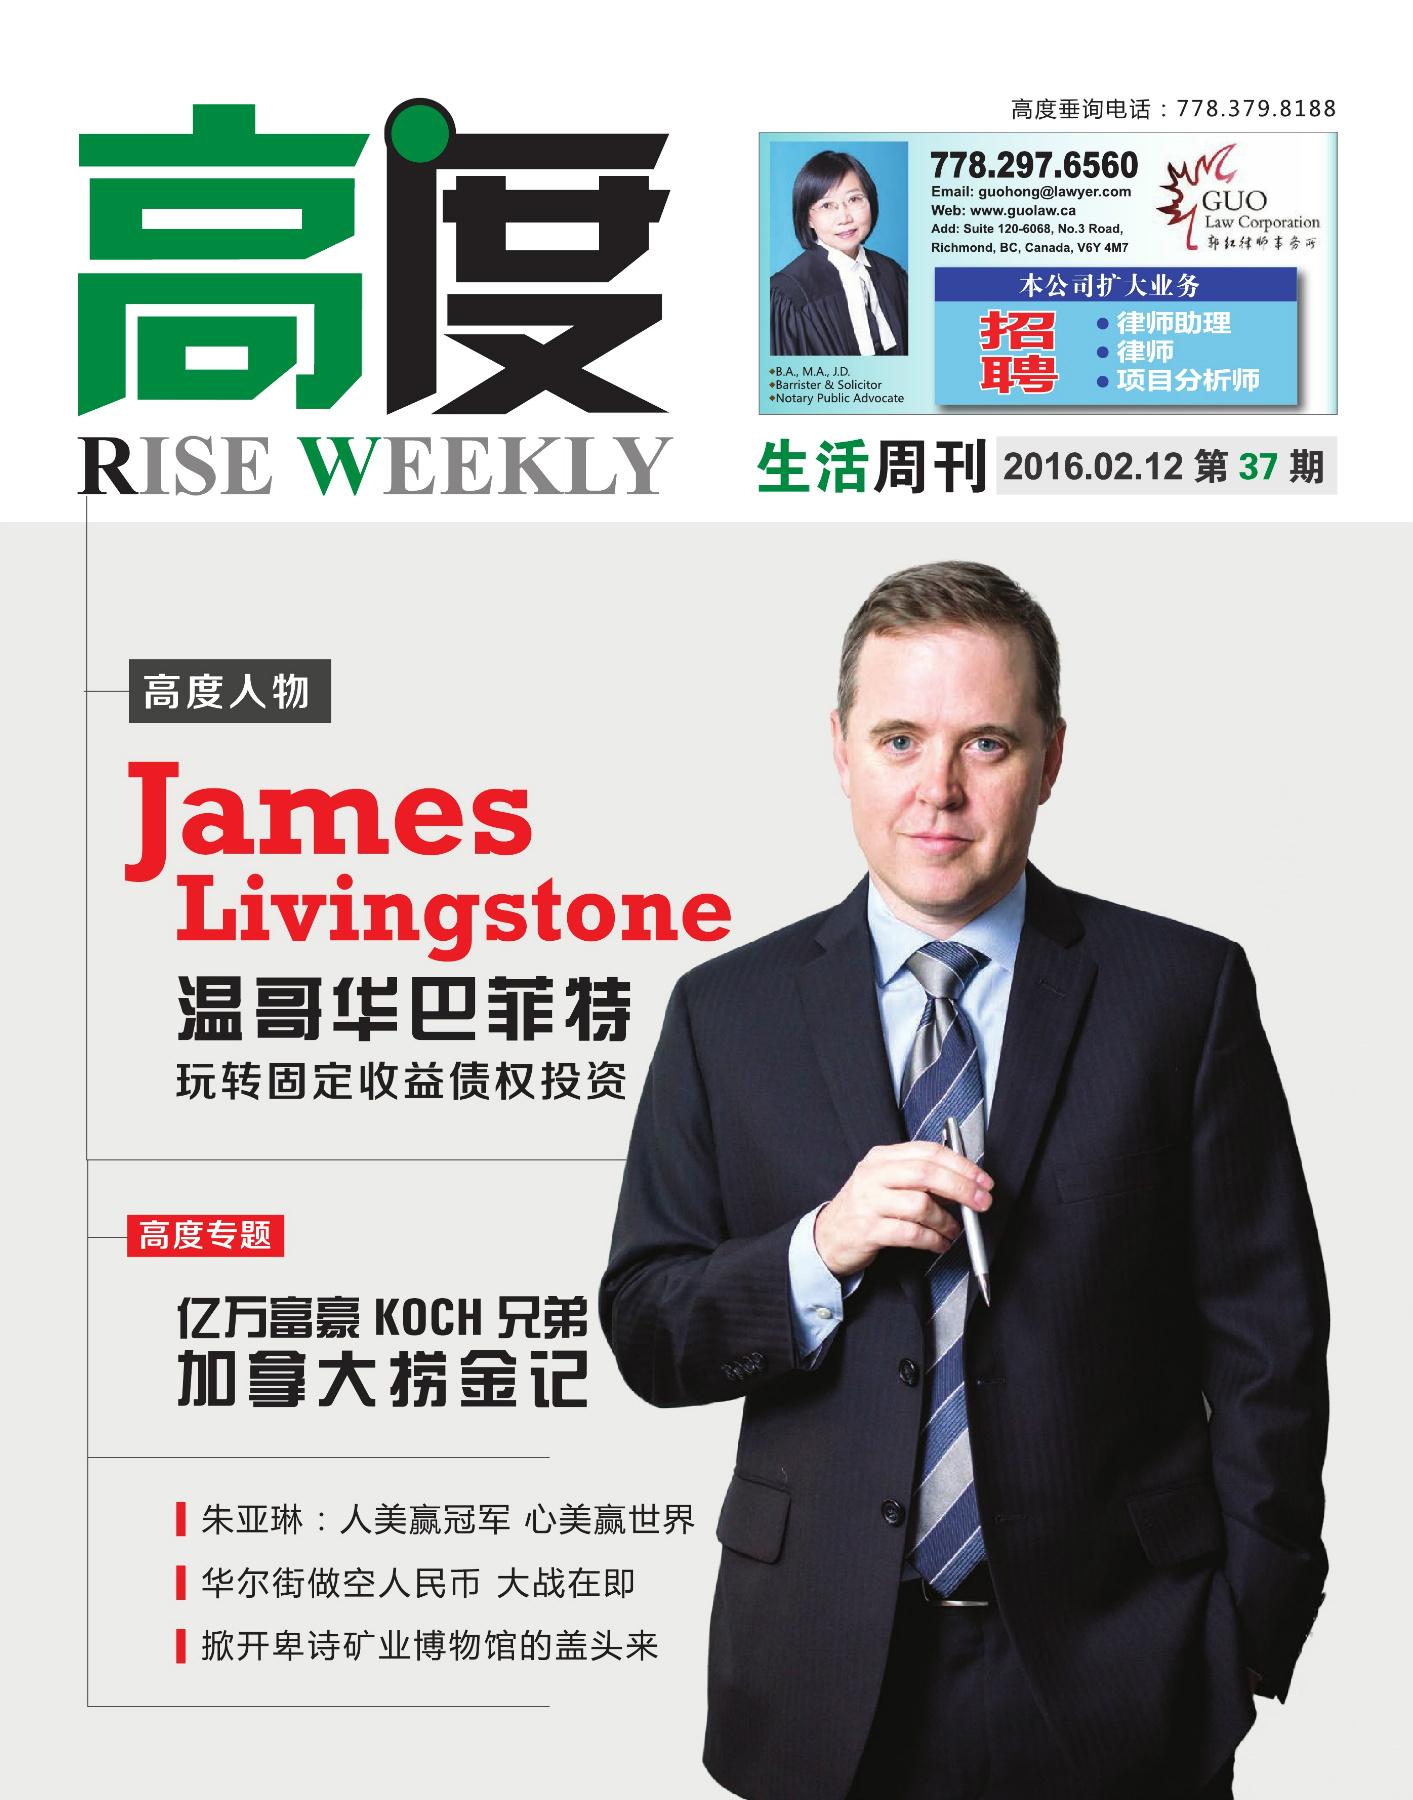 高度生活周刊 2016年02月12日 第37期